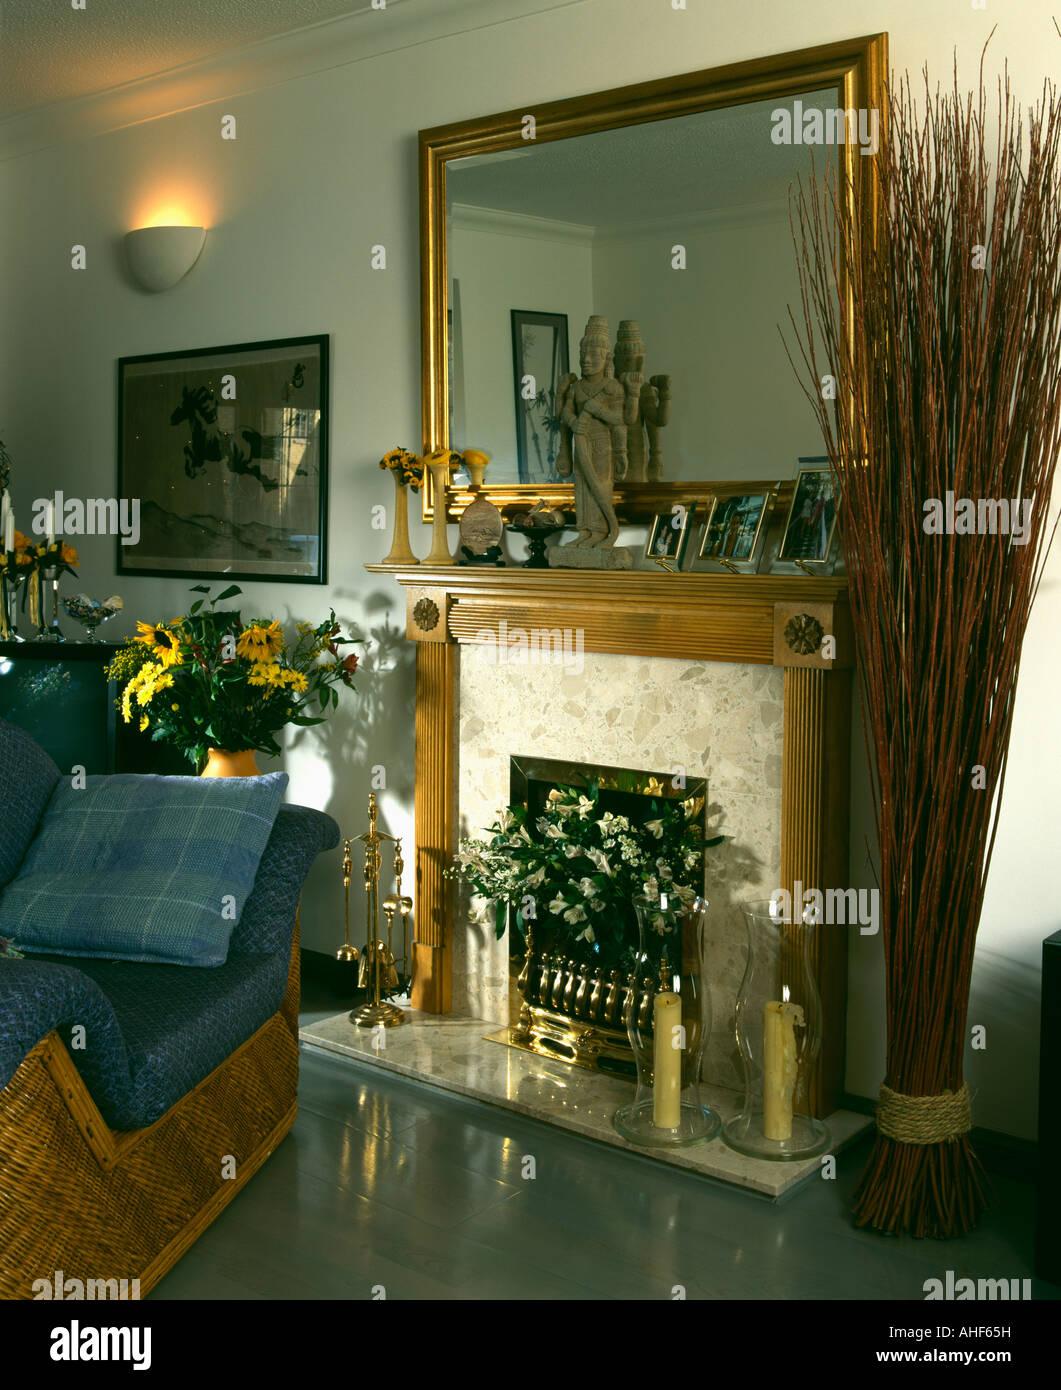 miroir au dessus chemine miroir cheminee achetez miroir dessus de occasion annonce vente. Black Bedroom Furniture Sets. Home Design Ideas